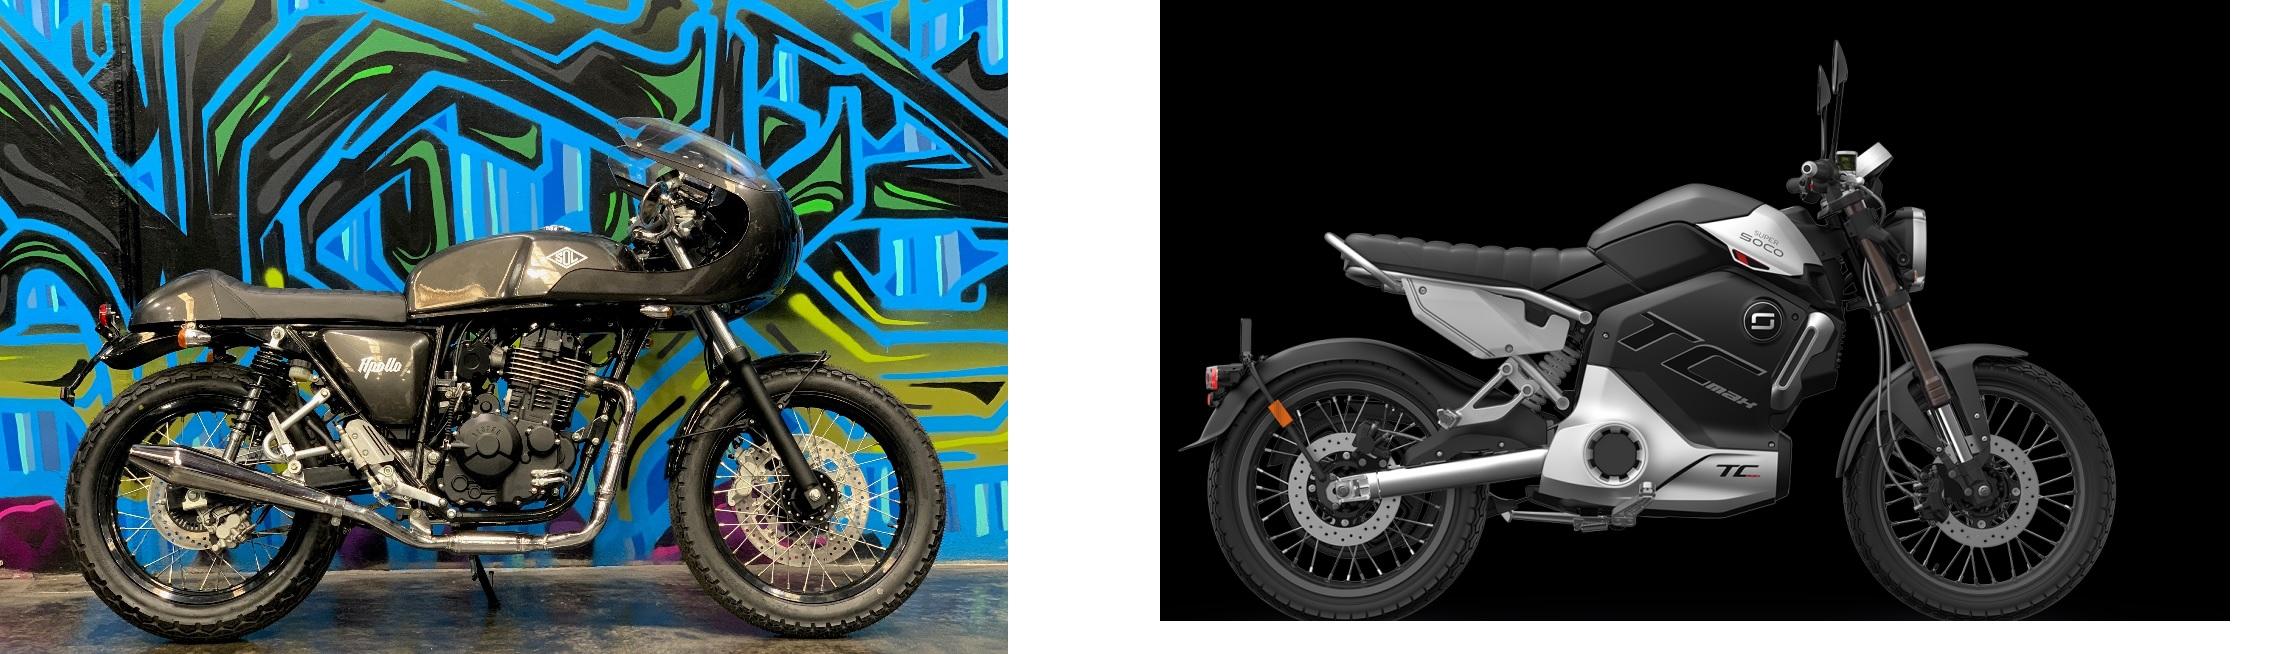 Name:  Bikes.jpg Views: 53 Size:  488.8 KB